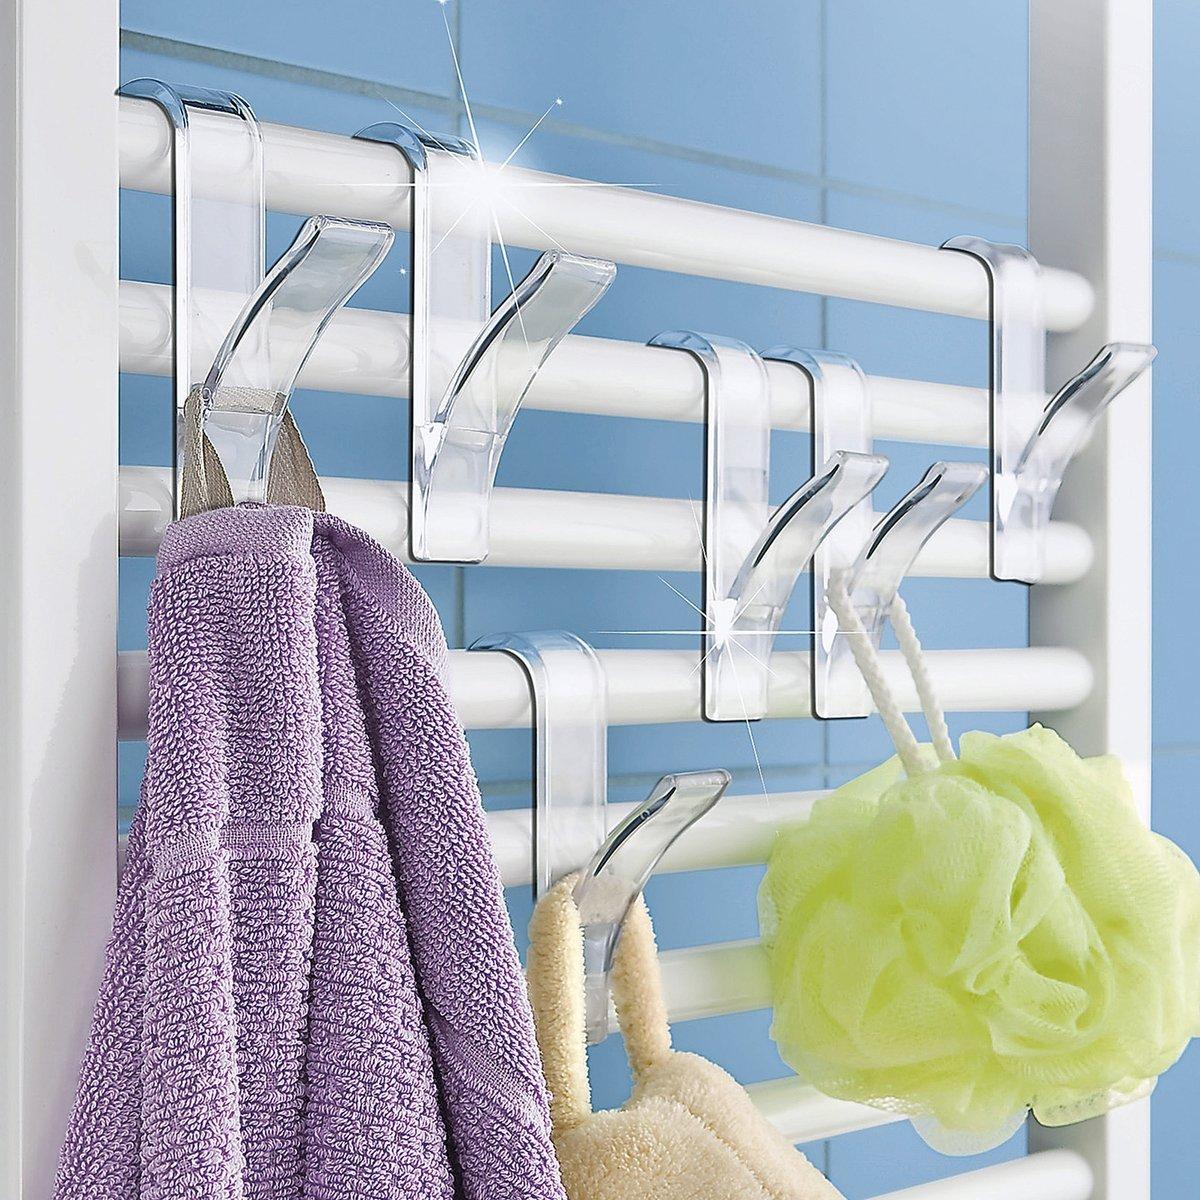 Wenko - Ganchos para radiador, 6 unidades, color blanco: Amazon.es: Juguetes y juegos